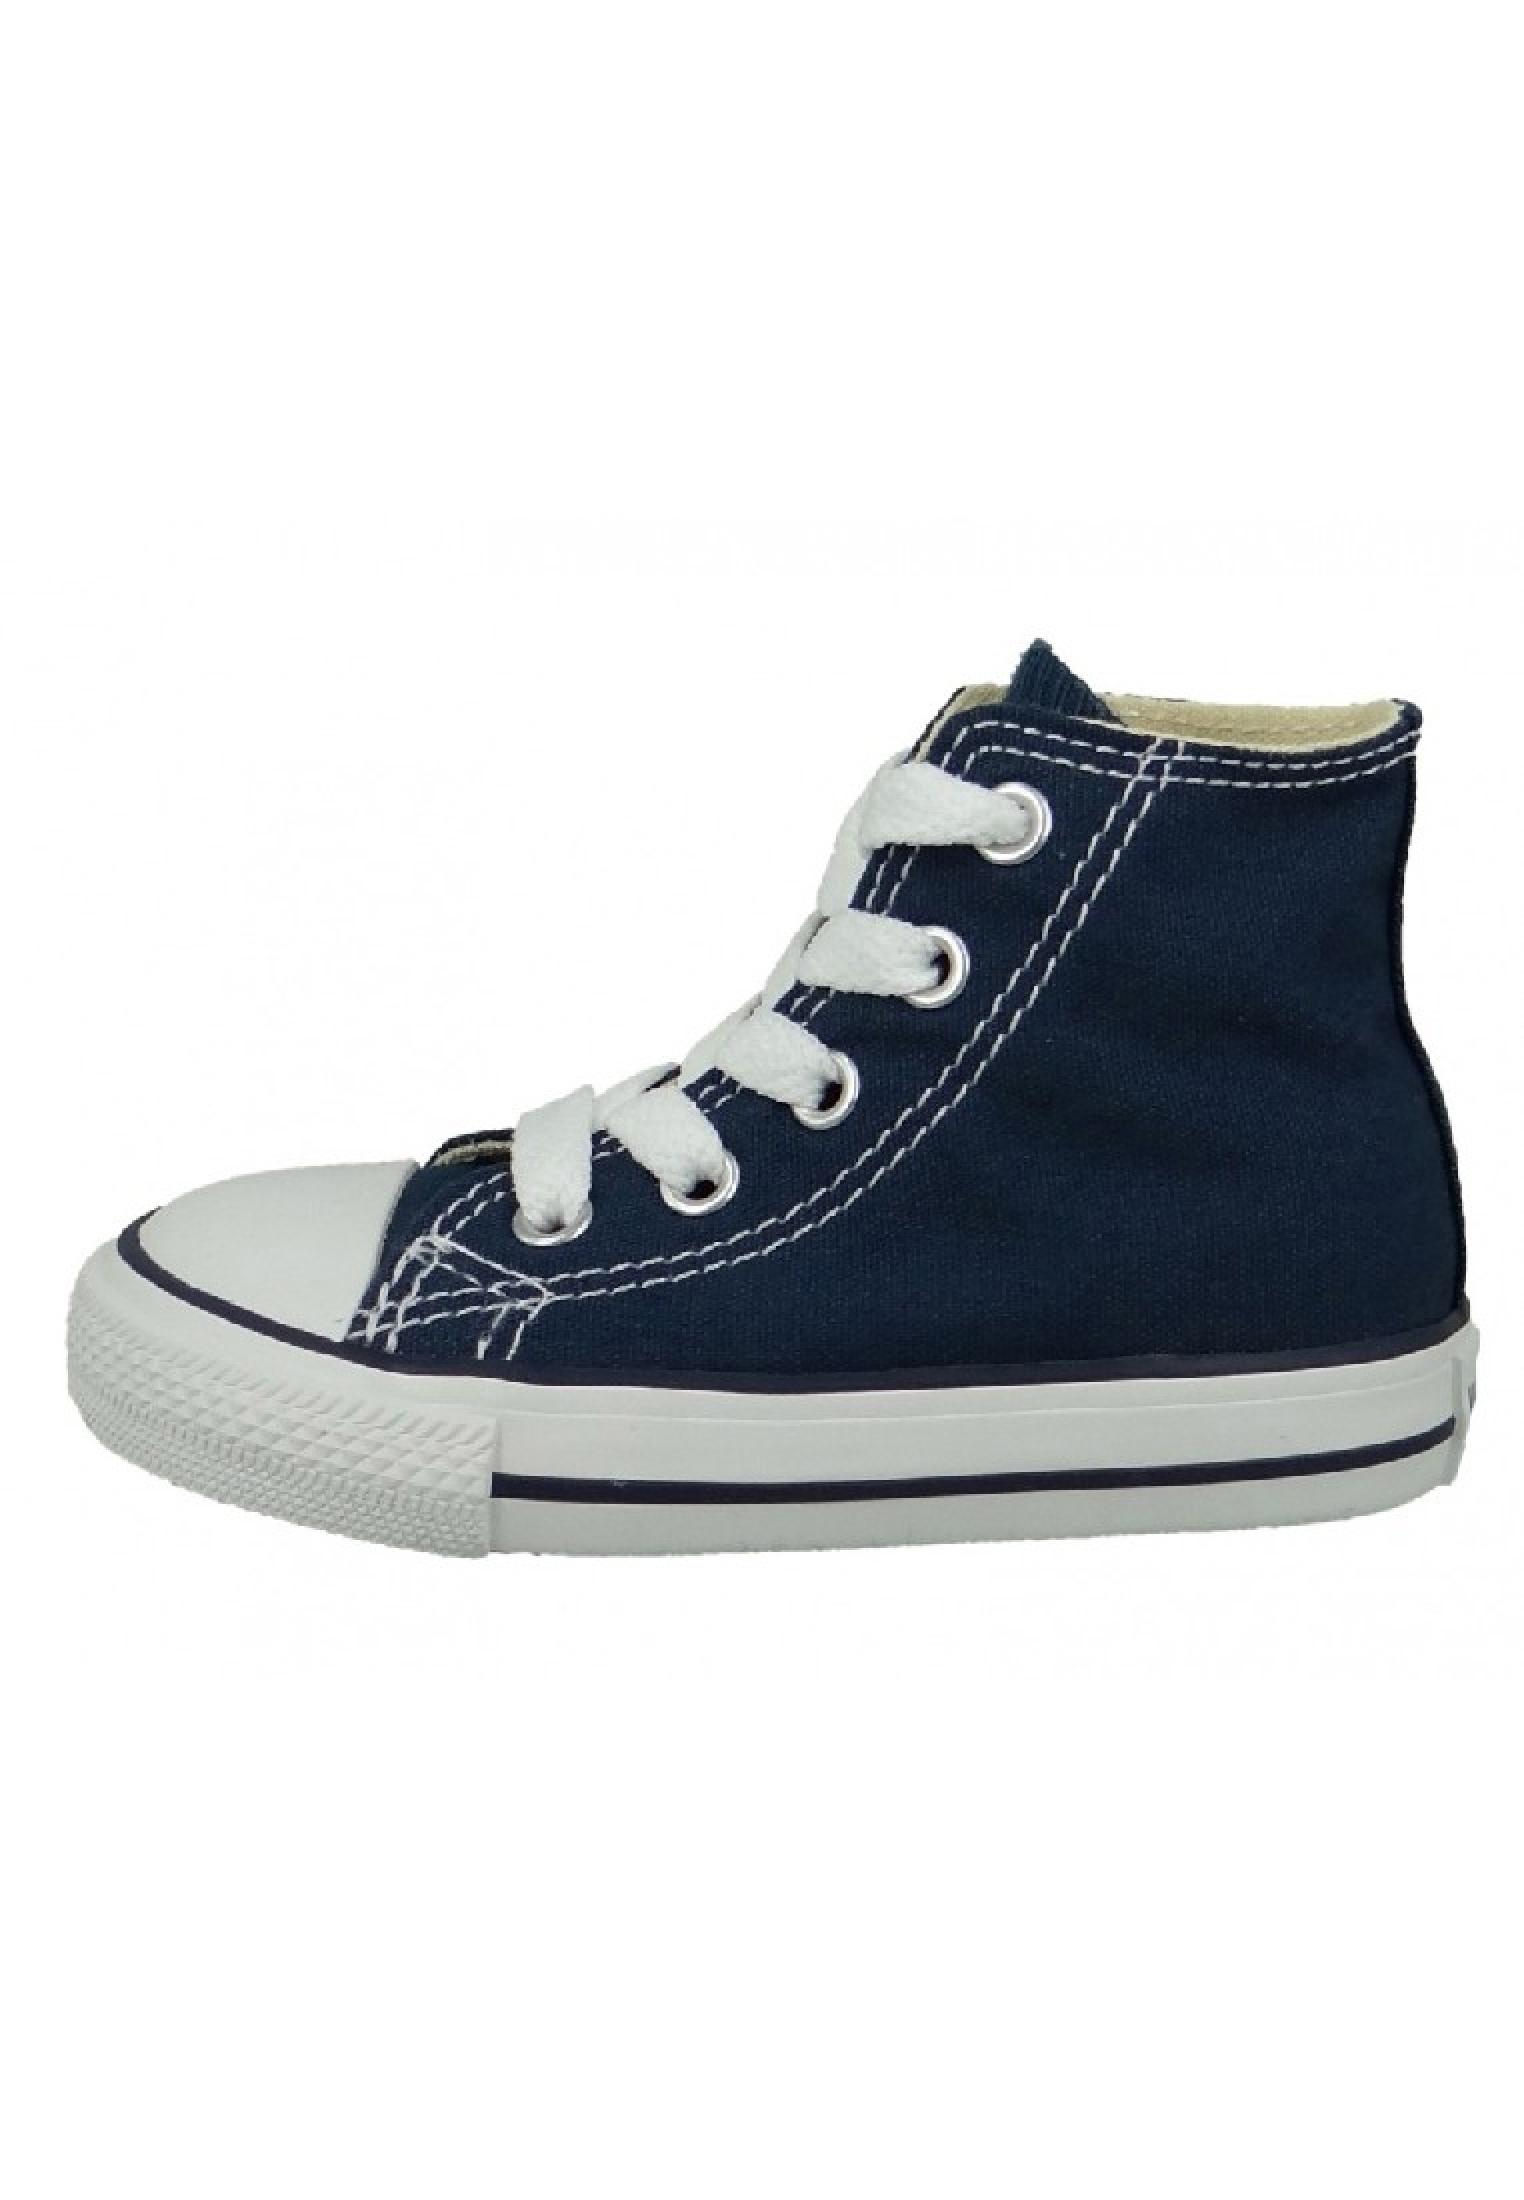 Converse Chucks Kinder 7J233C AS HI CAN Navy Blau